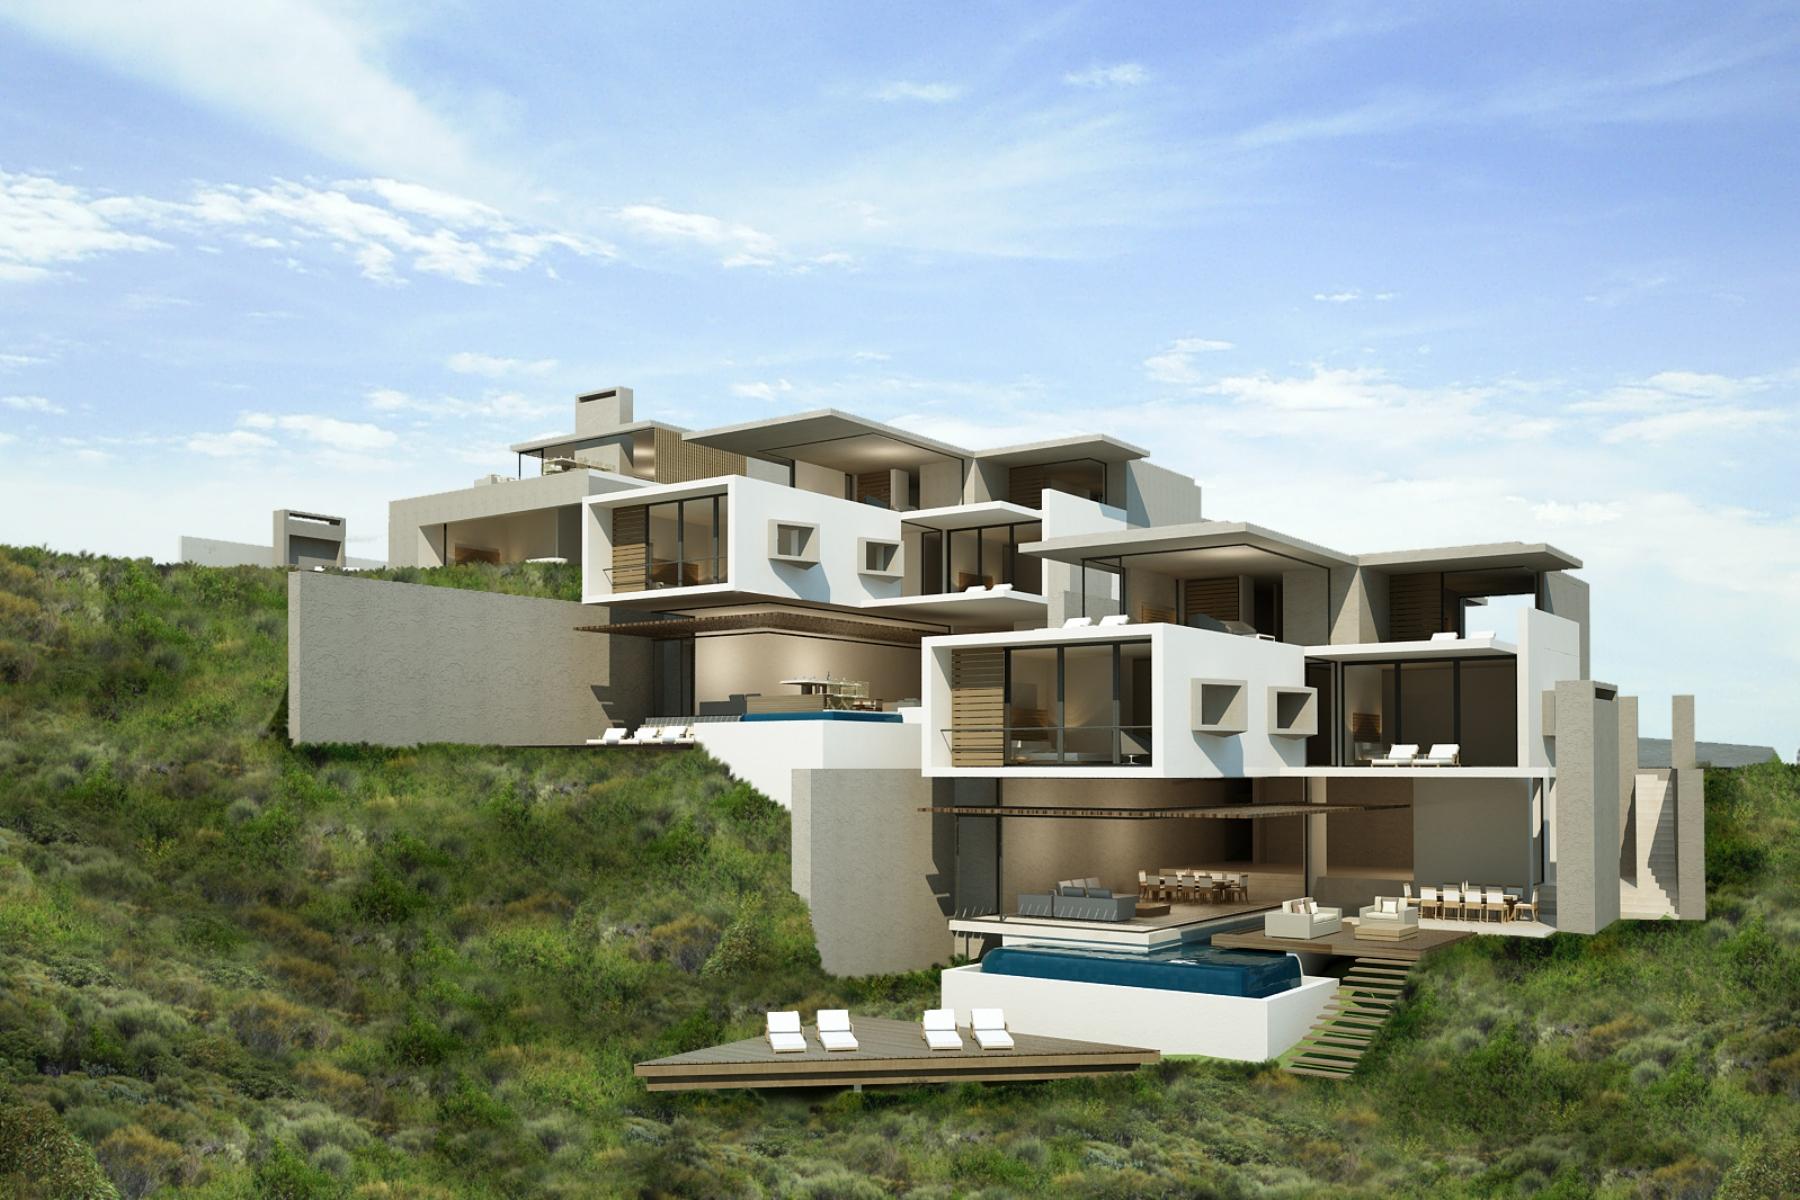 Maison unifamiliale pour l Vente à One Beachy Head Drive Plettenberg Bay, Cap-Occidental, 6600 Afrique Du Sud